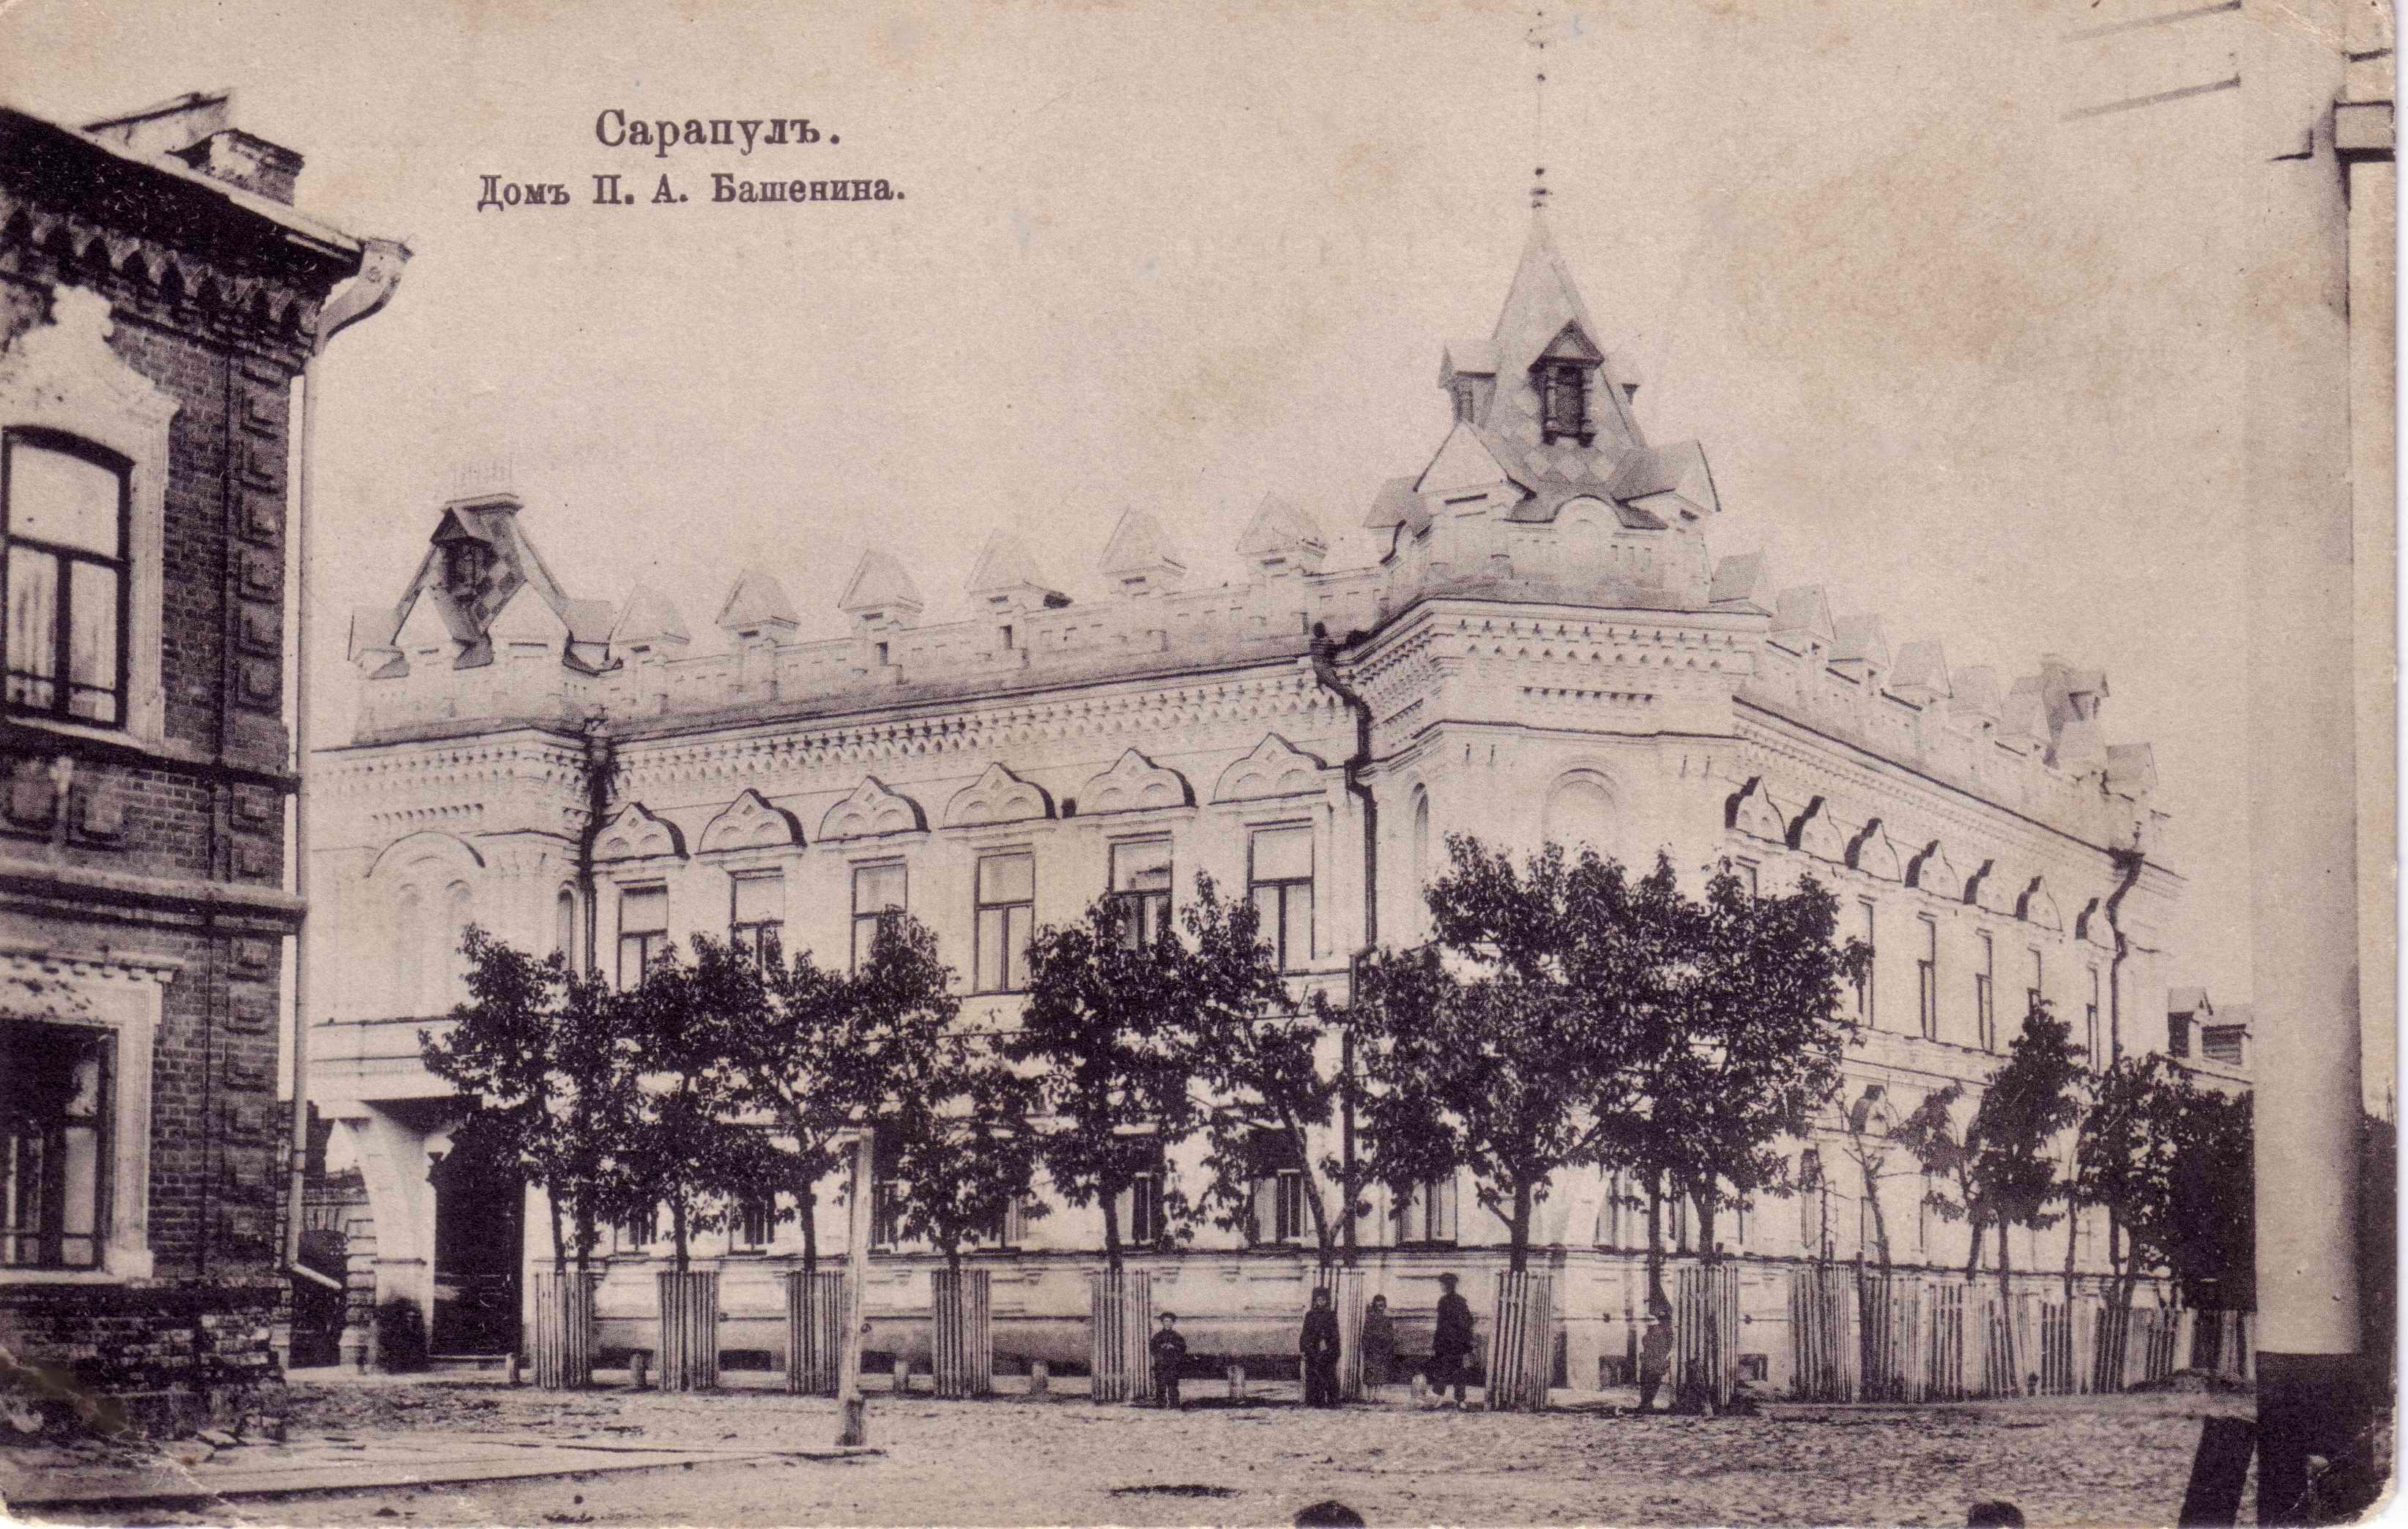 Дом П. А. Башенина